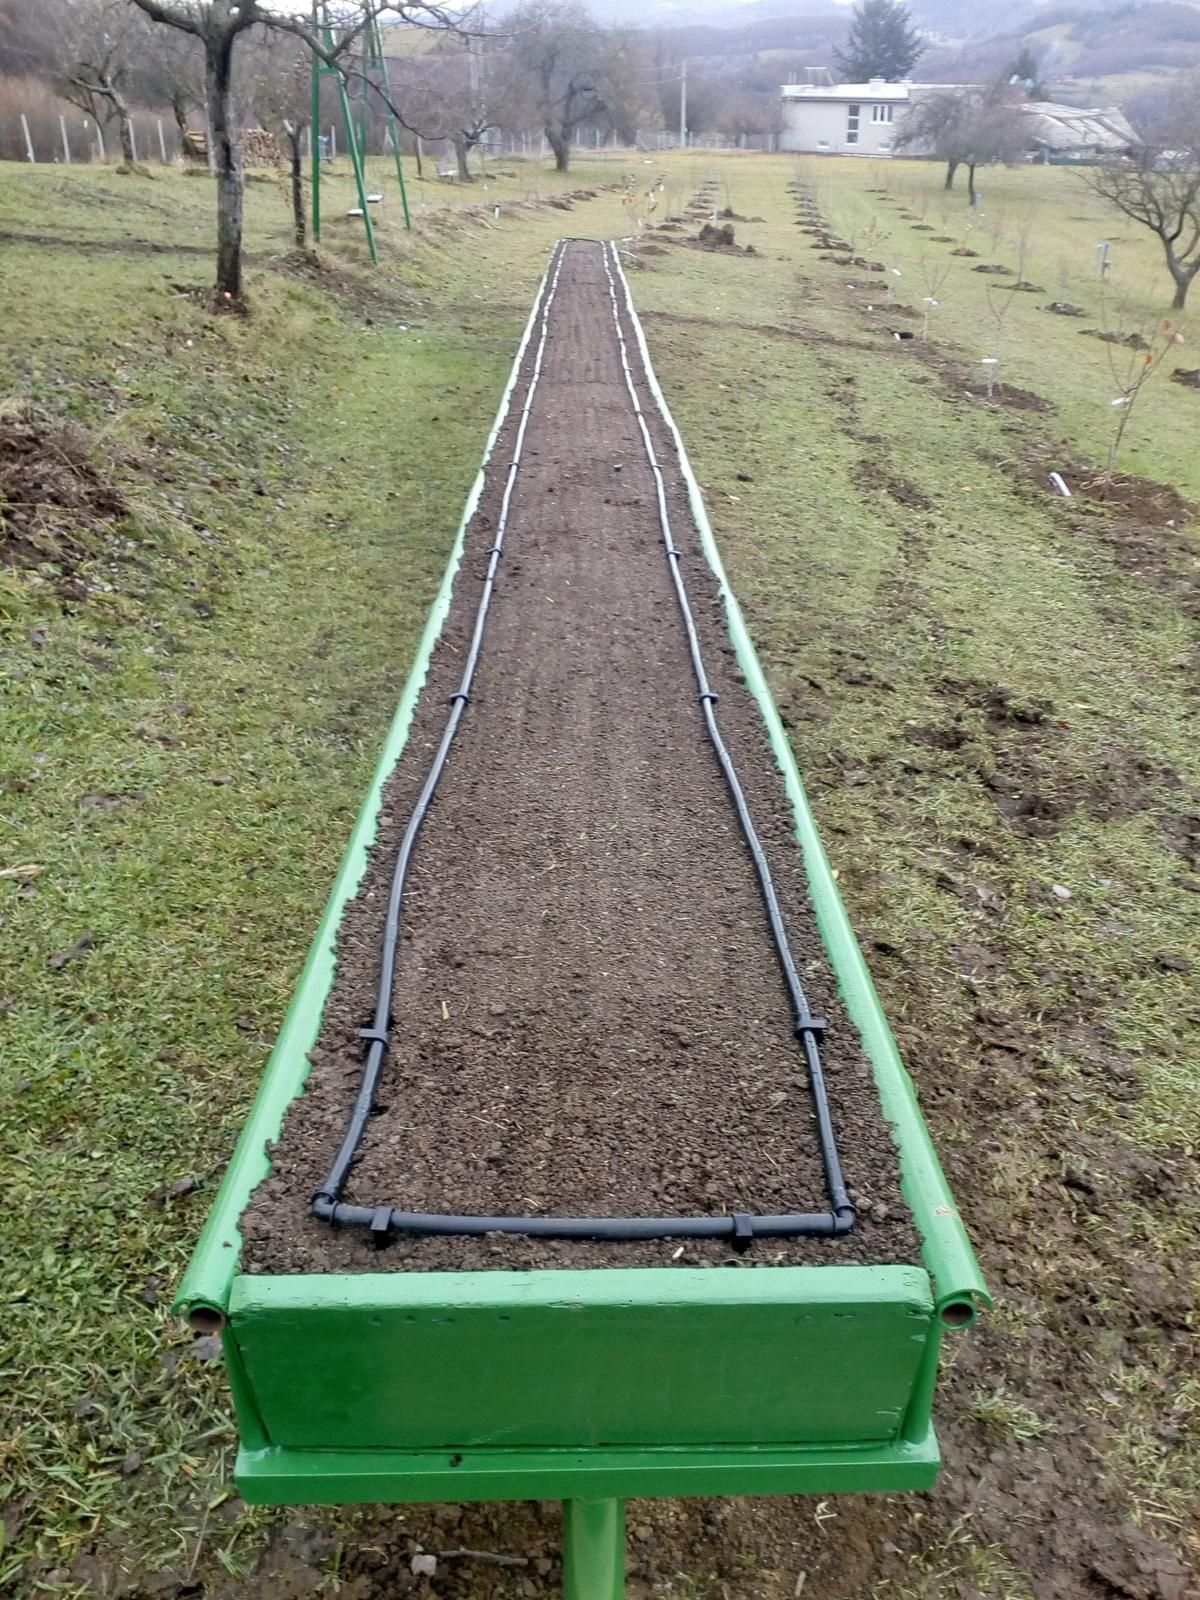 Ako som robil vyvyseny zahon na jahody - Dorobenie kvapkovej zavlahy , 40 cm odstup kvapkacov na hadici